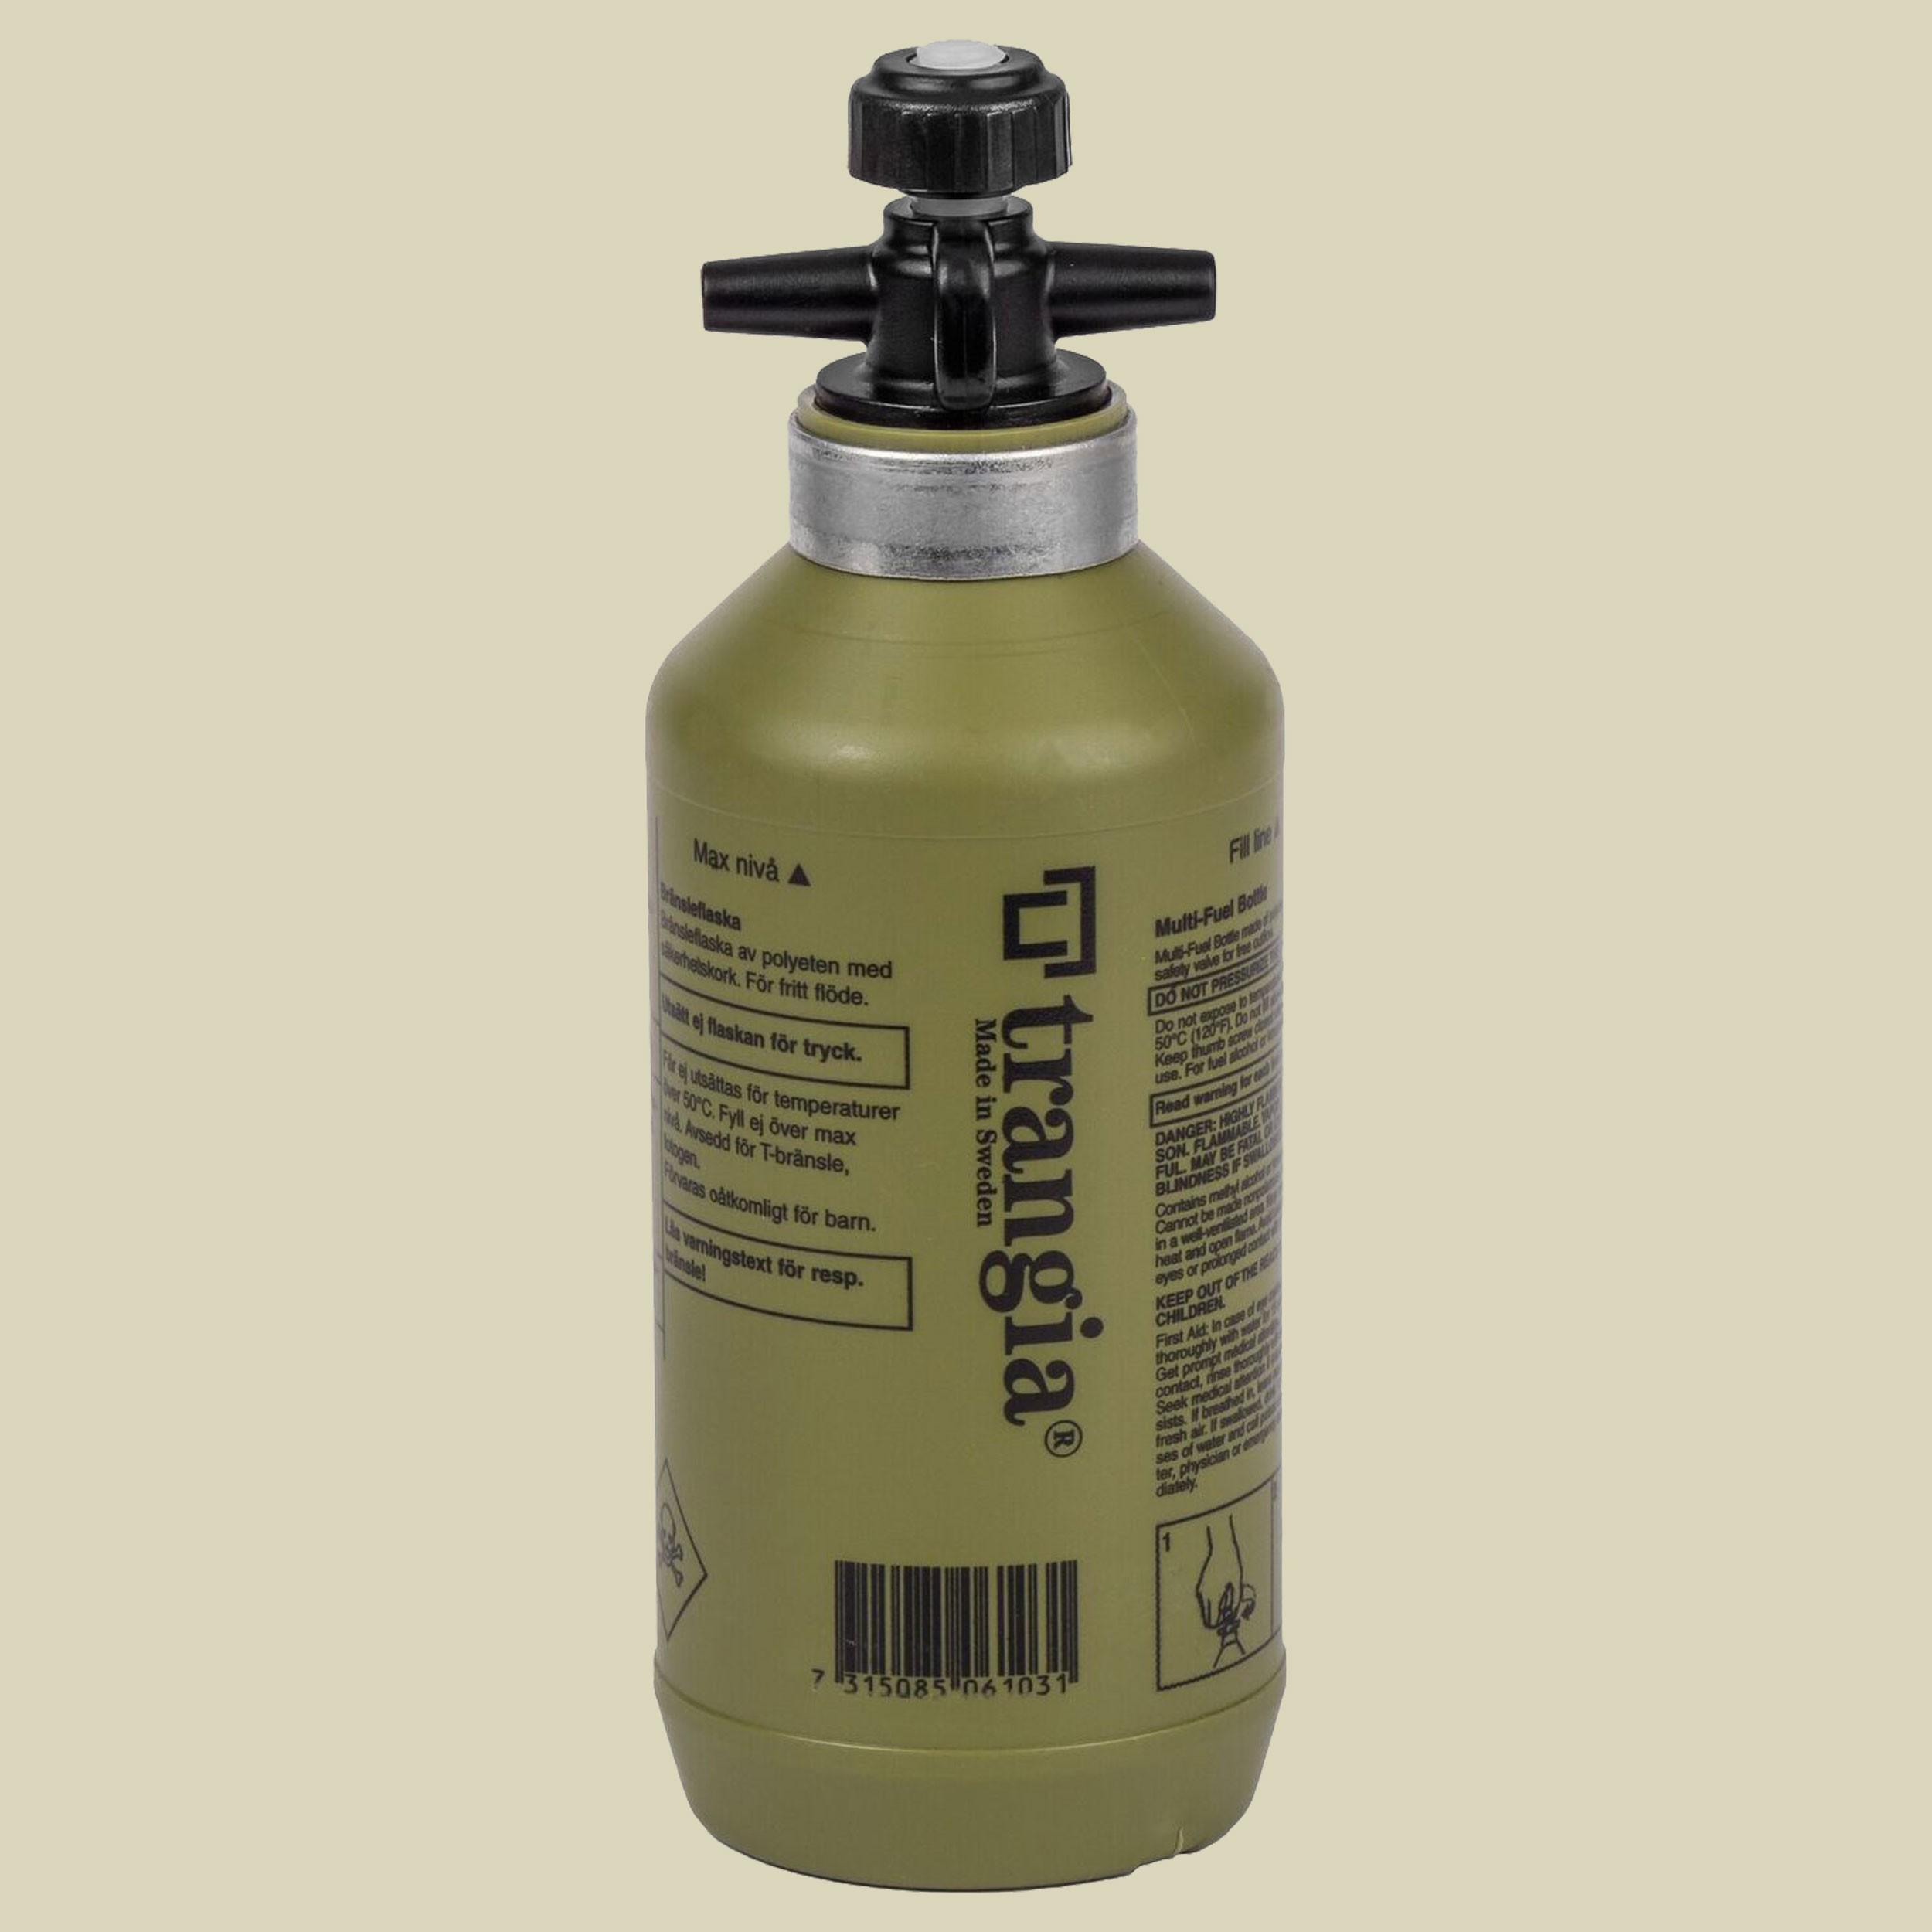 Flüssigbrennstoff-Sicherheitstankflasche 0,3l